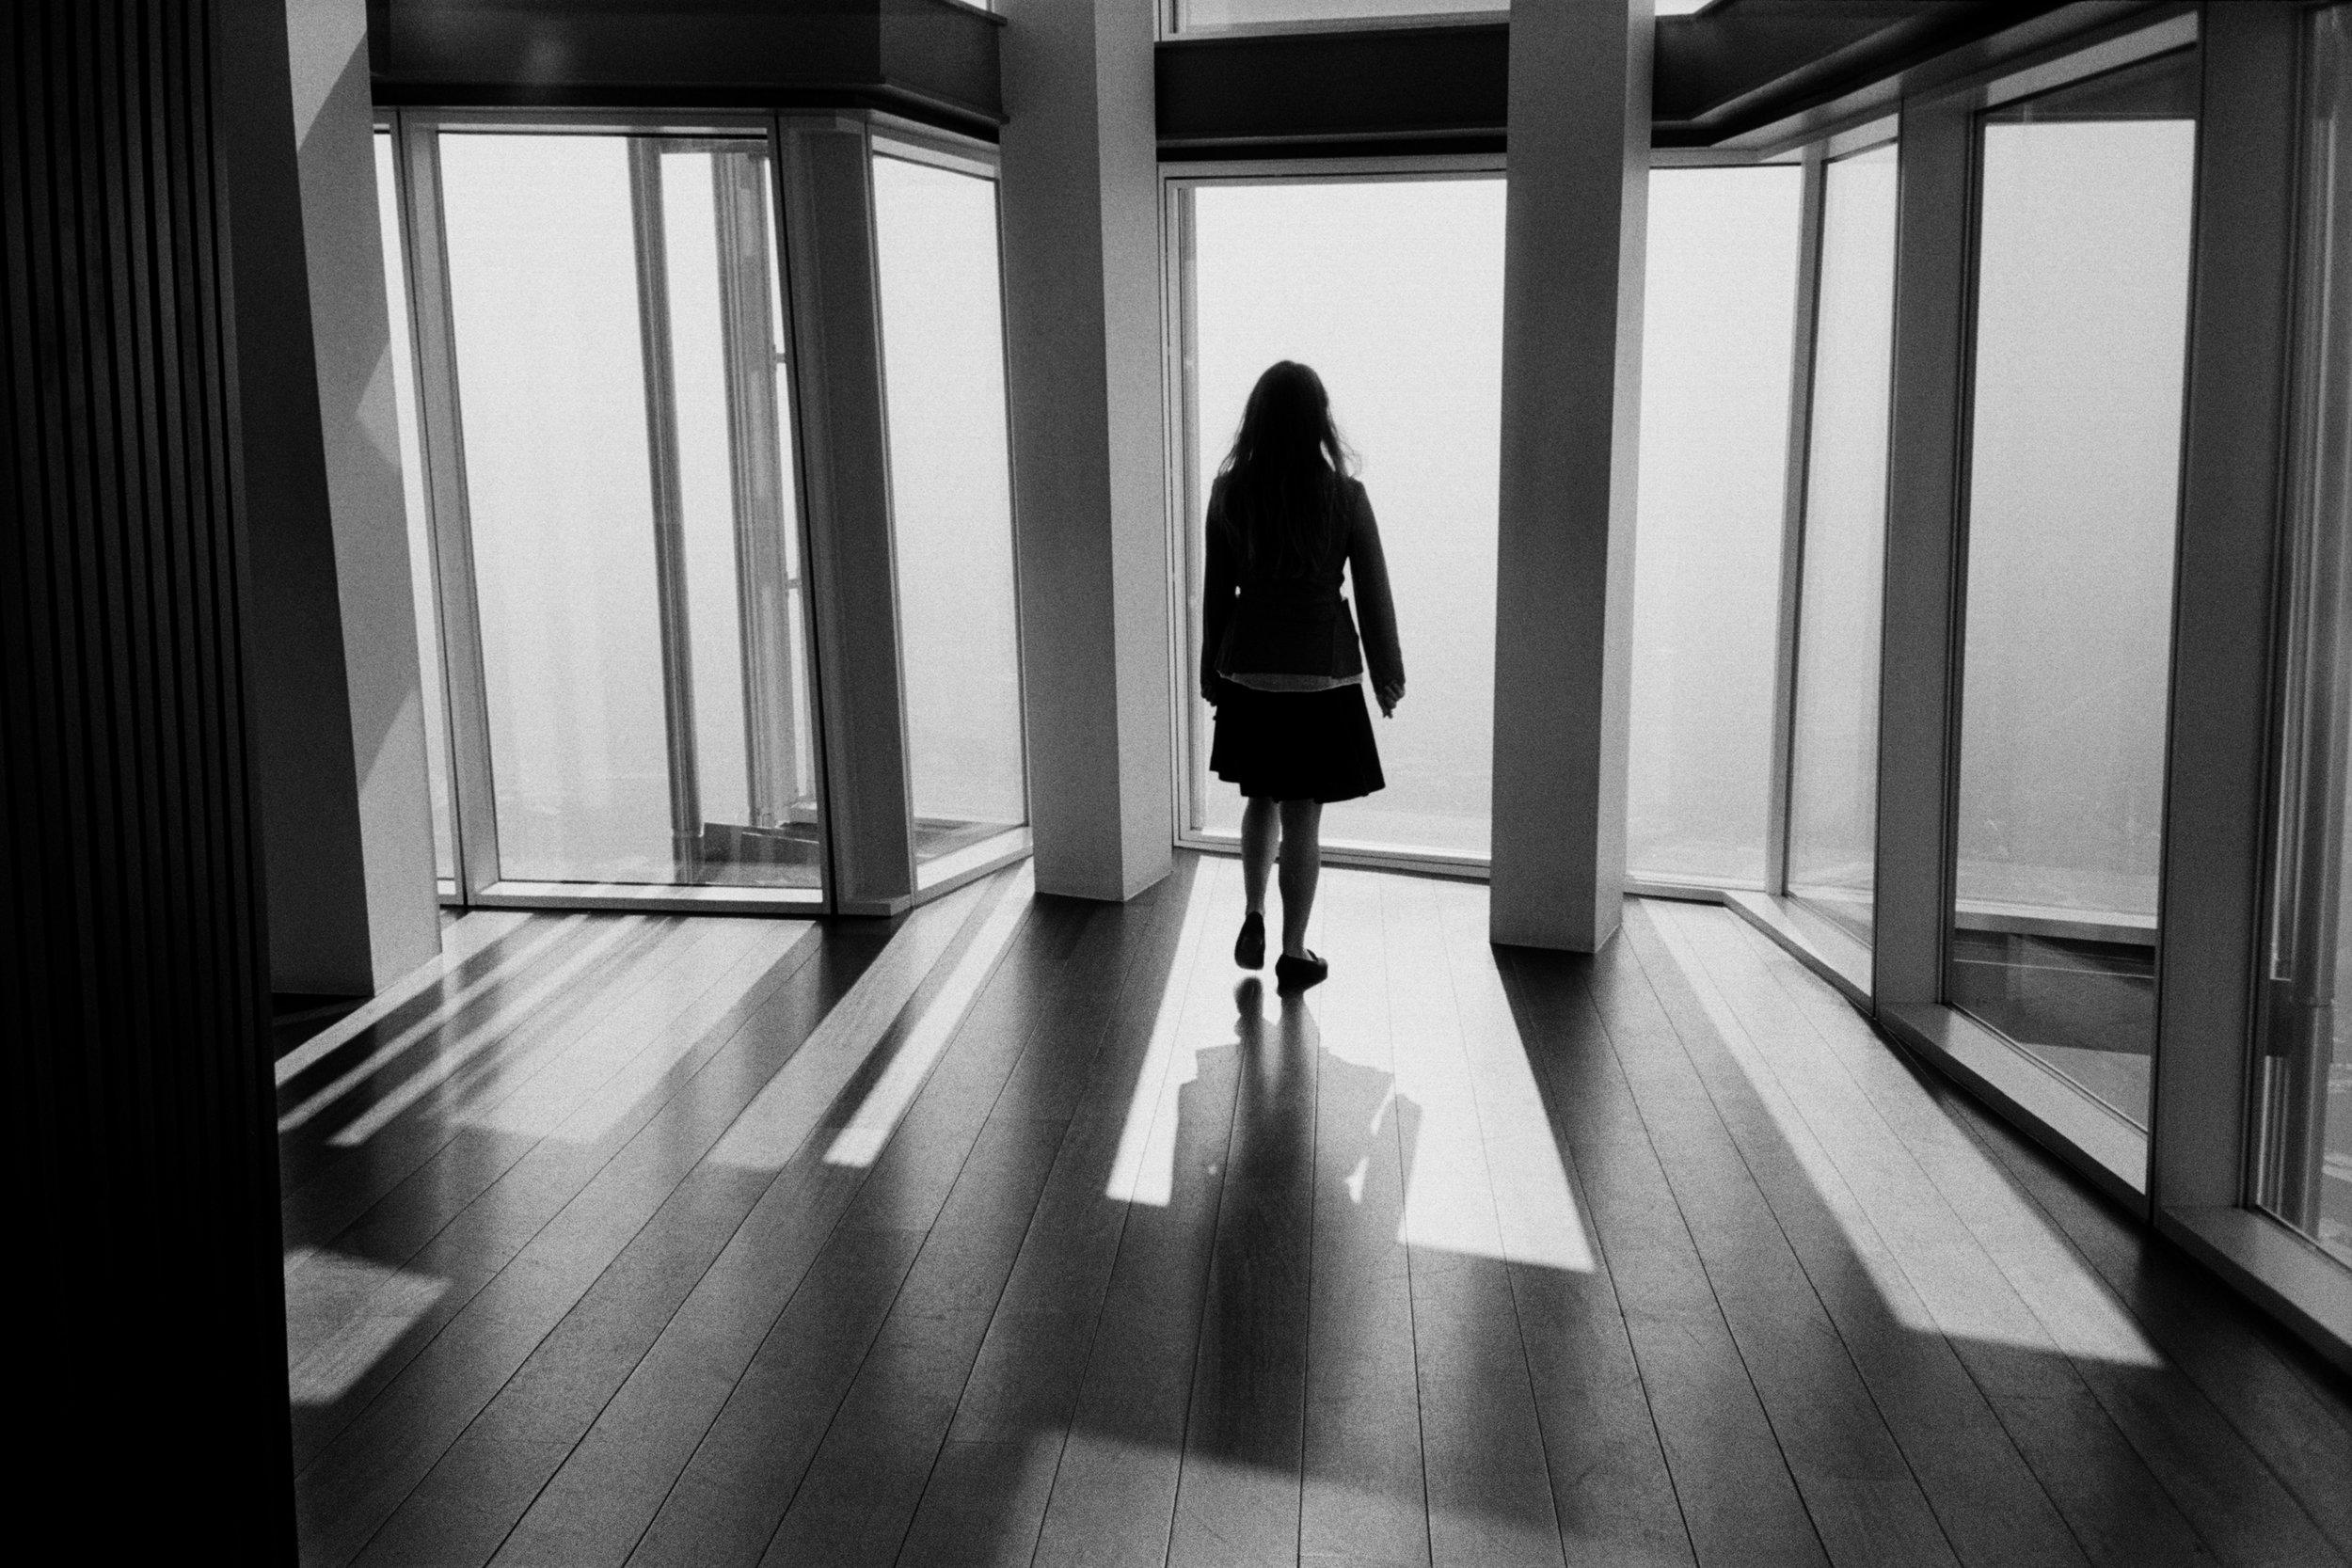 Girl In Window - 2012